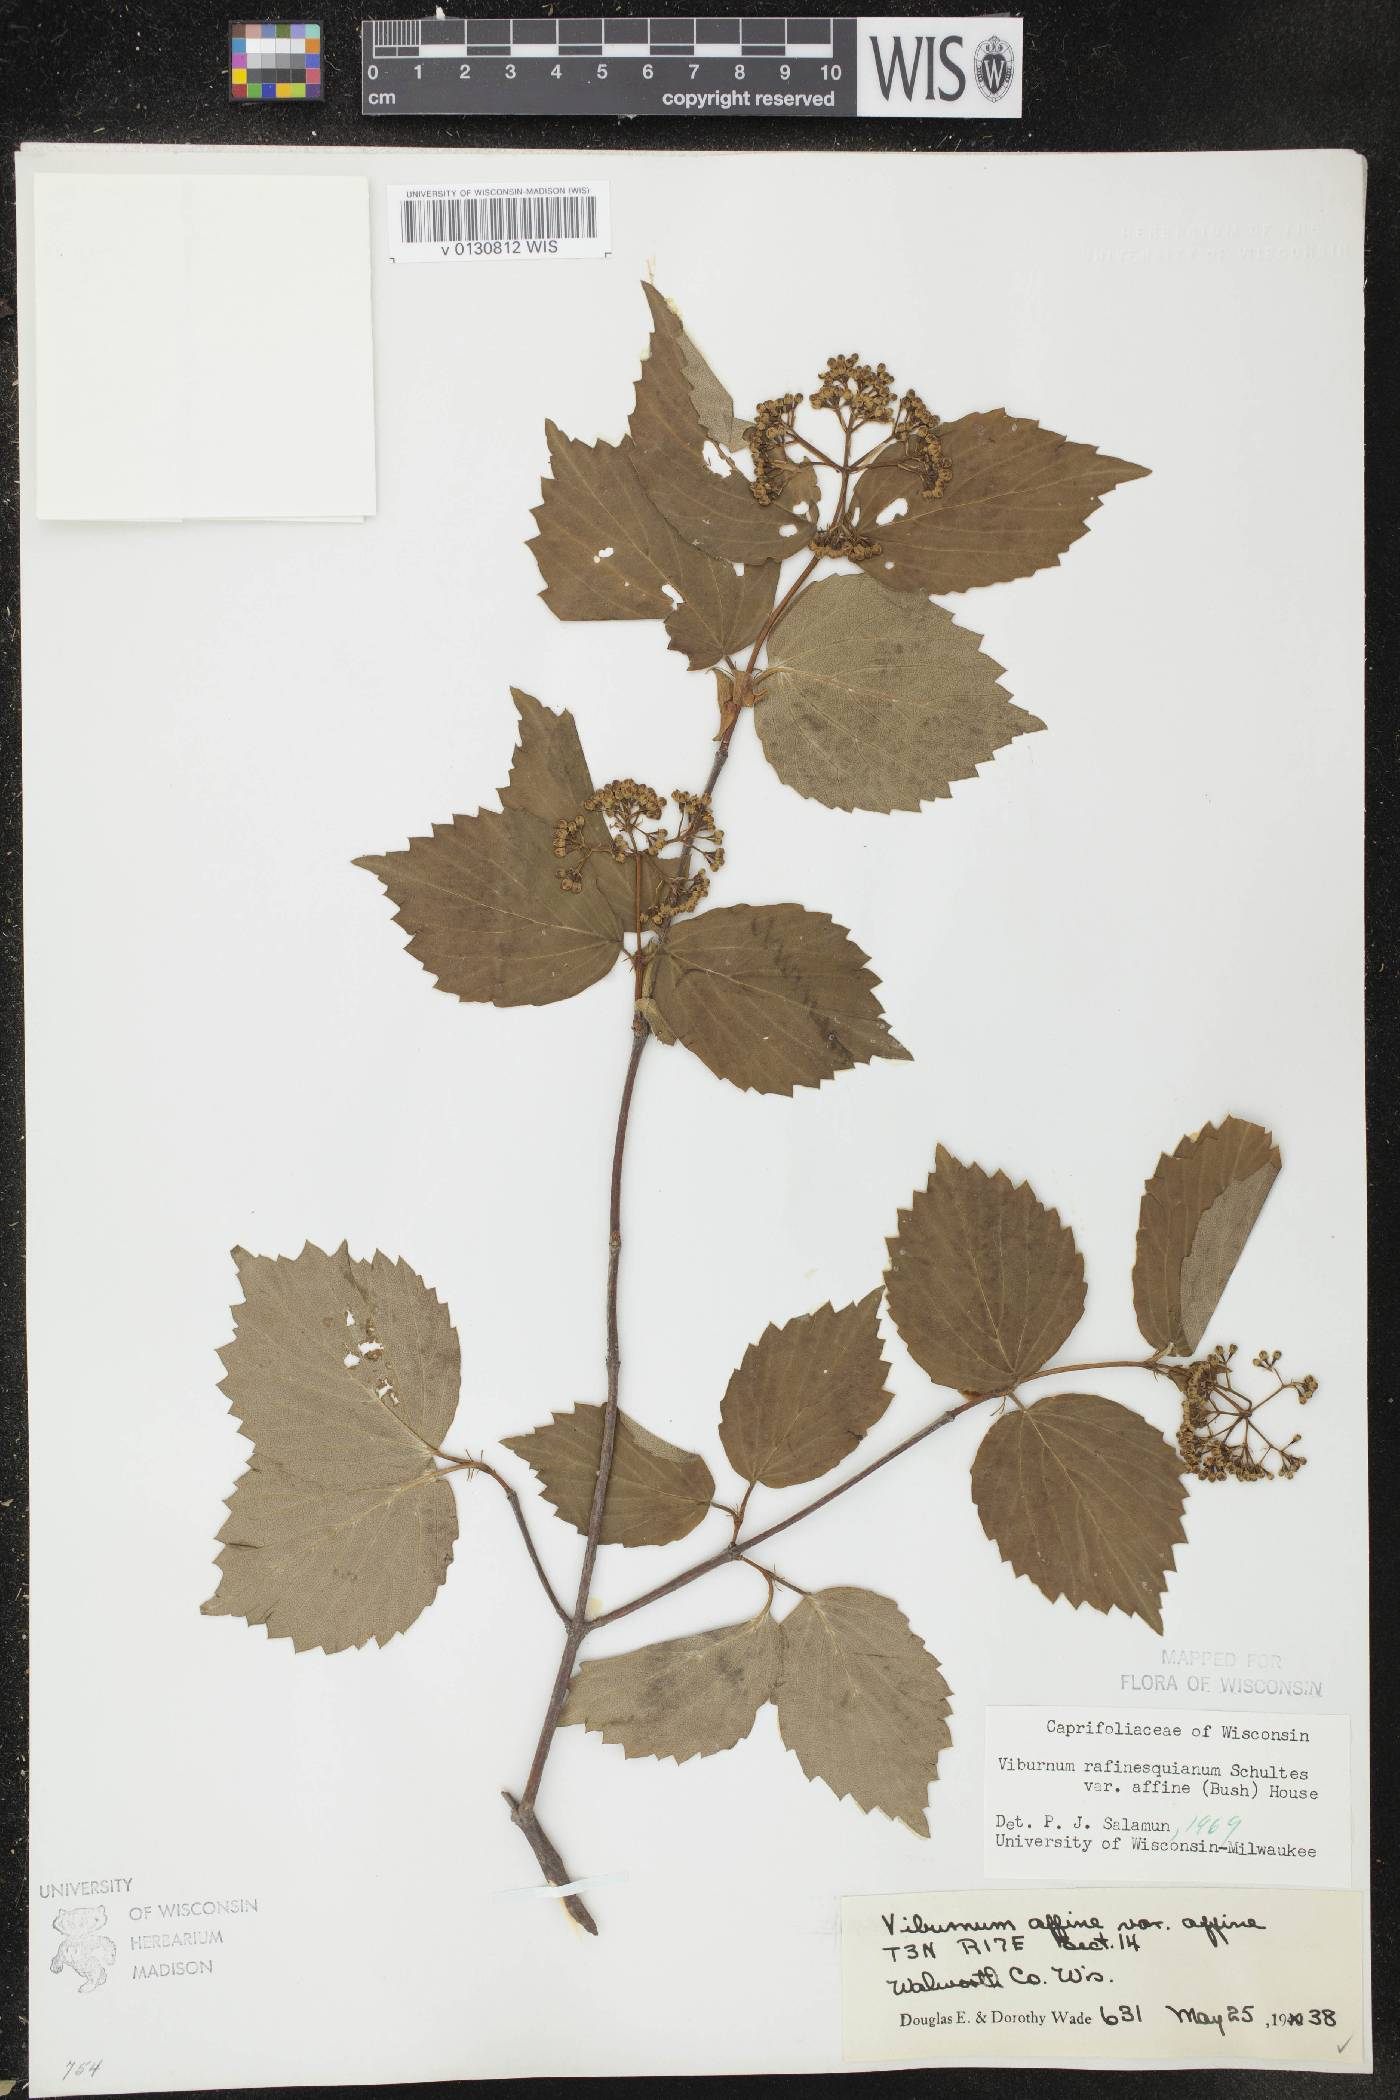 Viburnum rafinesquianum image